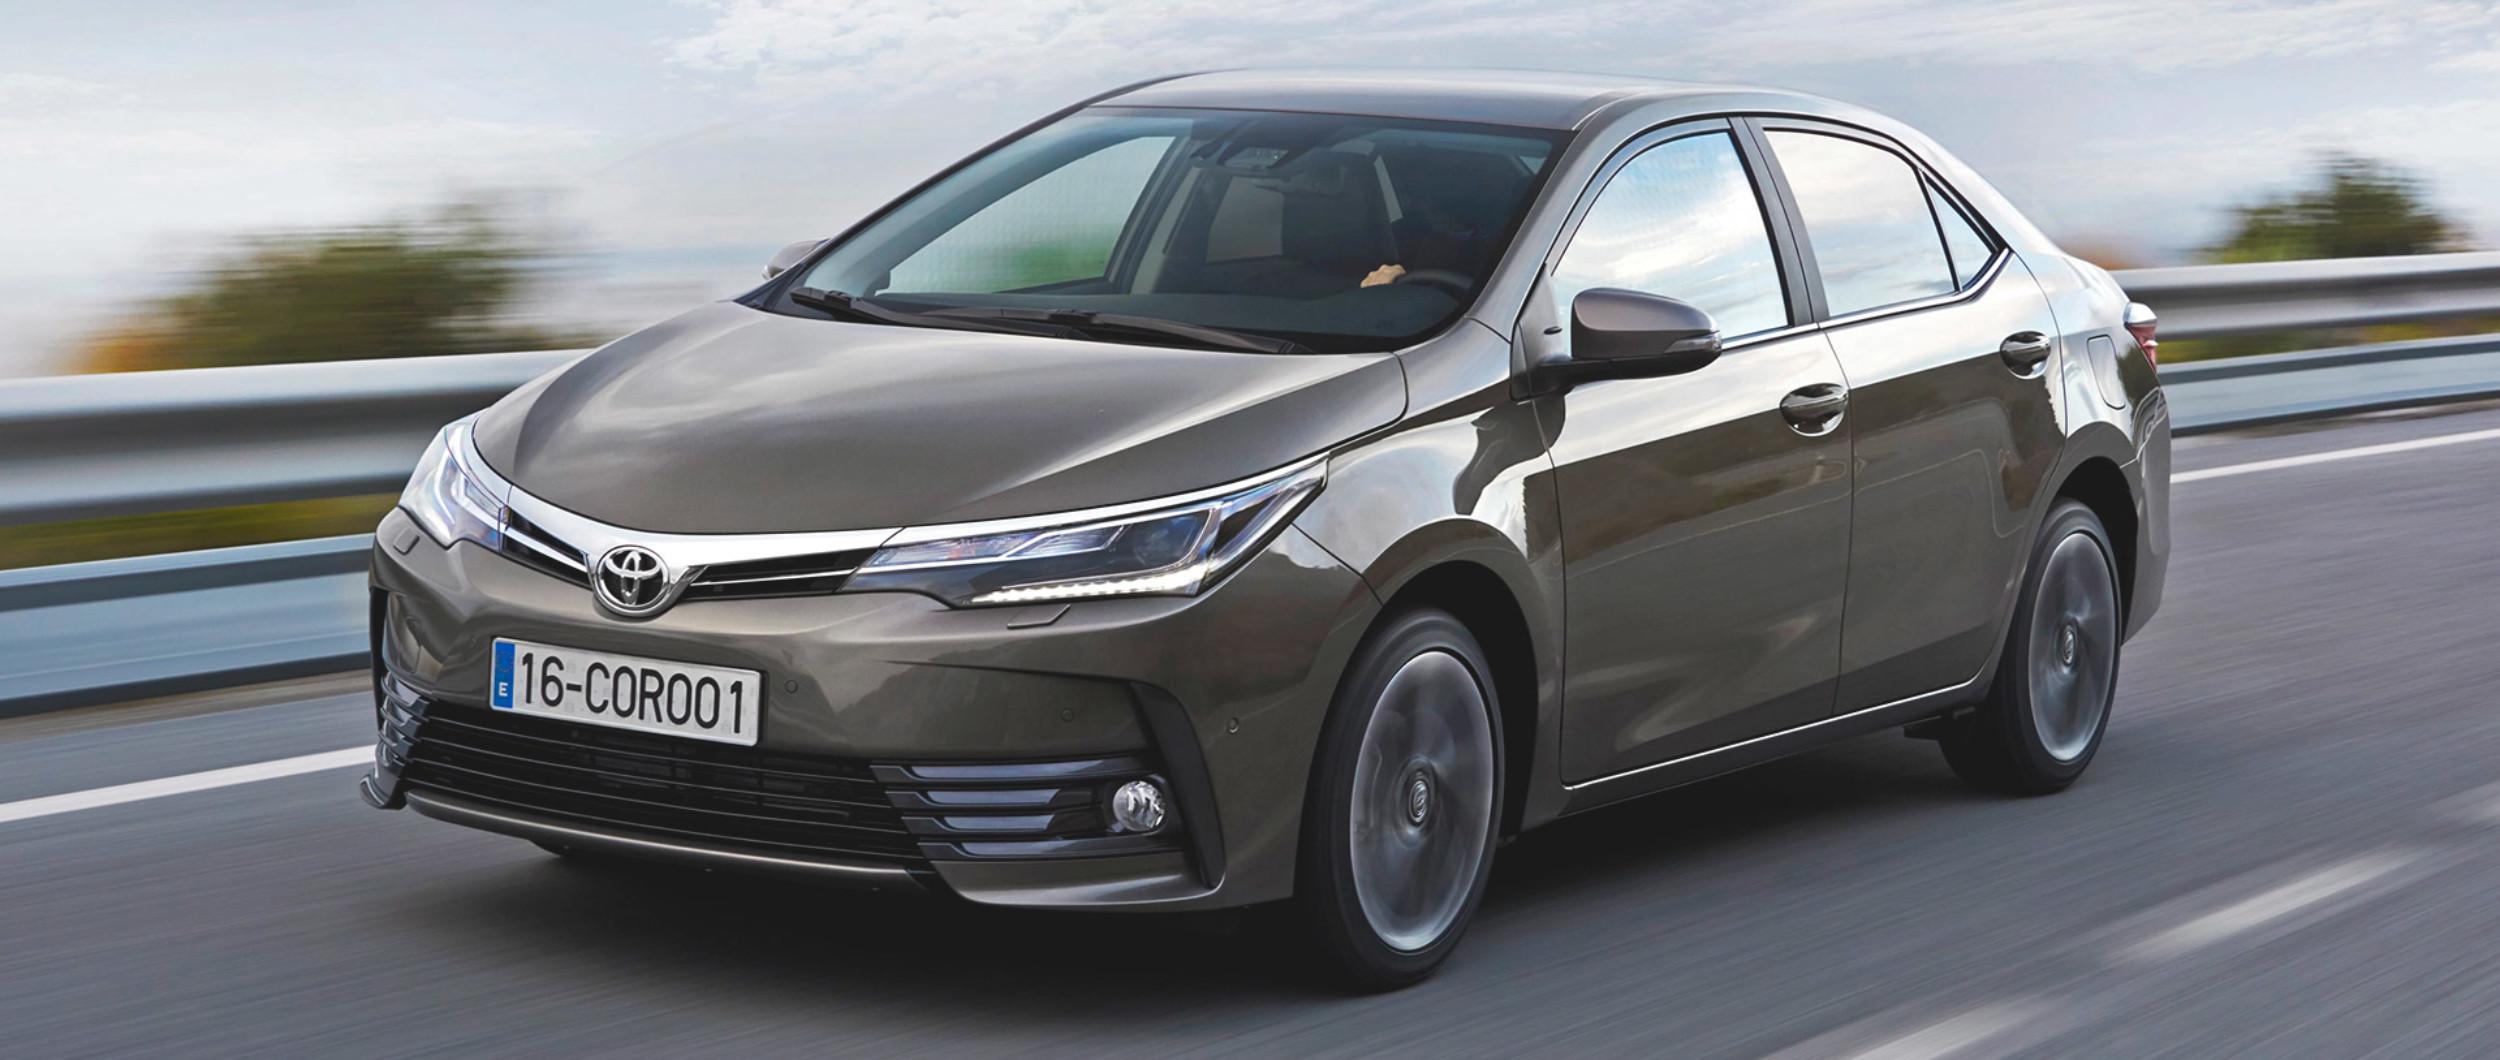 Toyota Corolla за 5 миллионов: в каких странах самые дорогие машины в мире